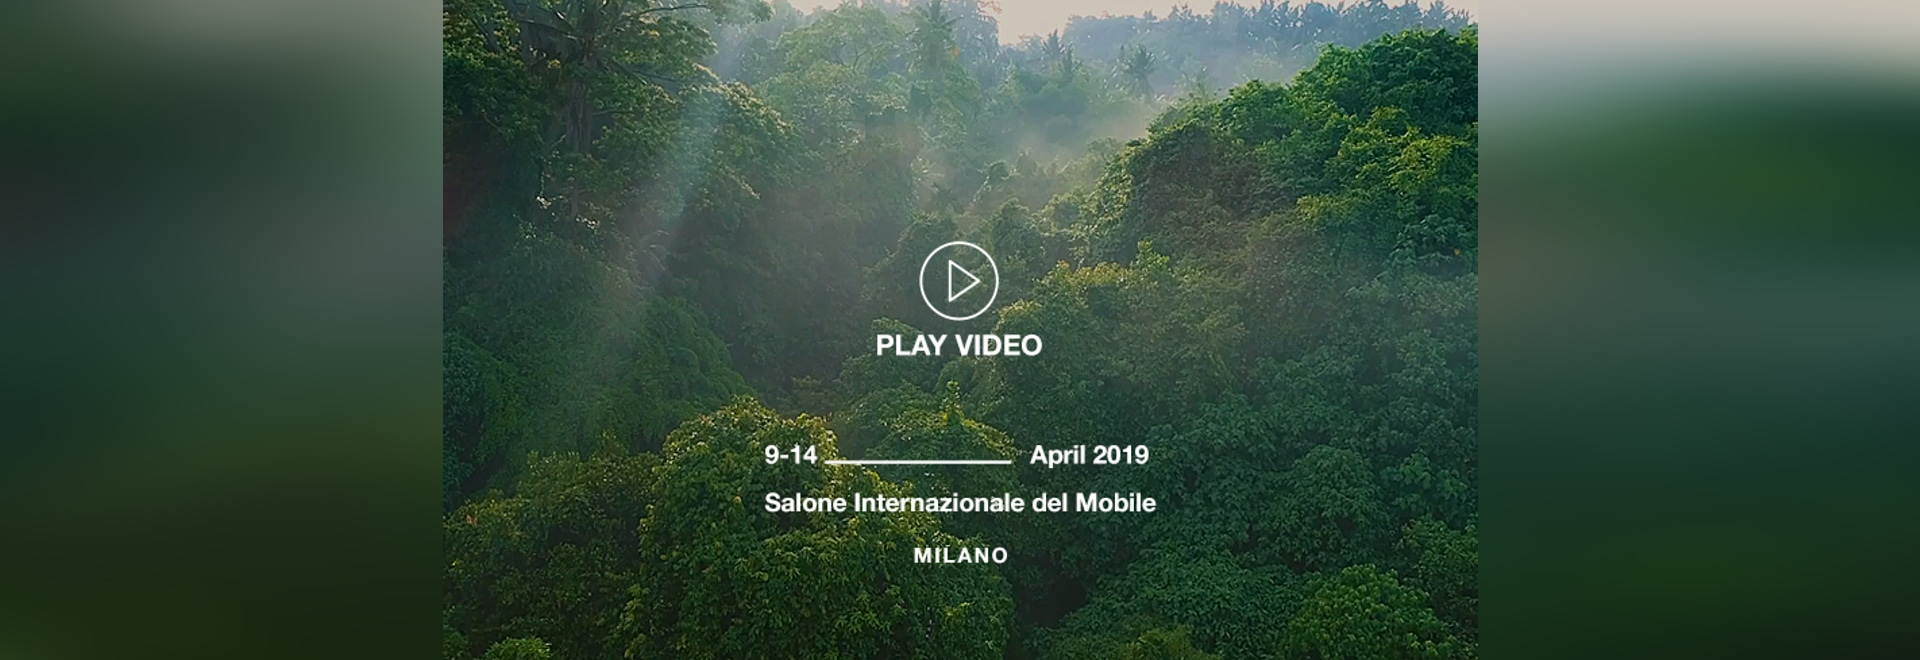 Opinión Ciatti en el Salone Internazionale del Mobile